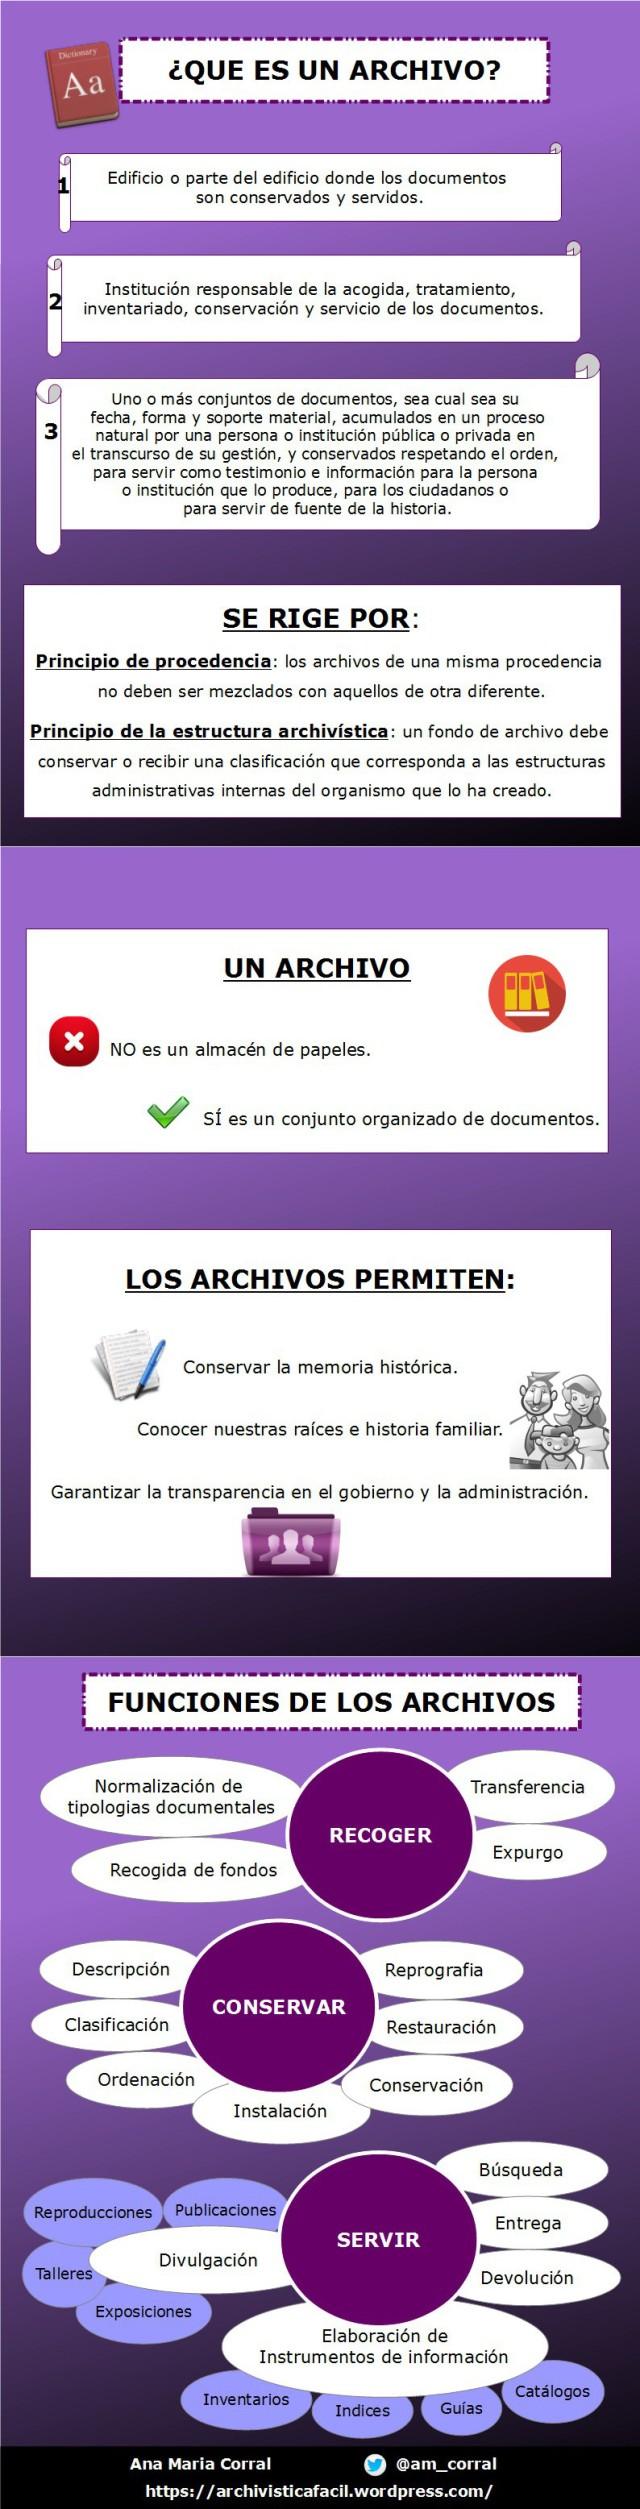 Infografia. ¿Que son los archivos y que funciones tienen?